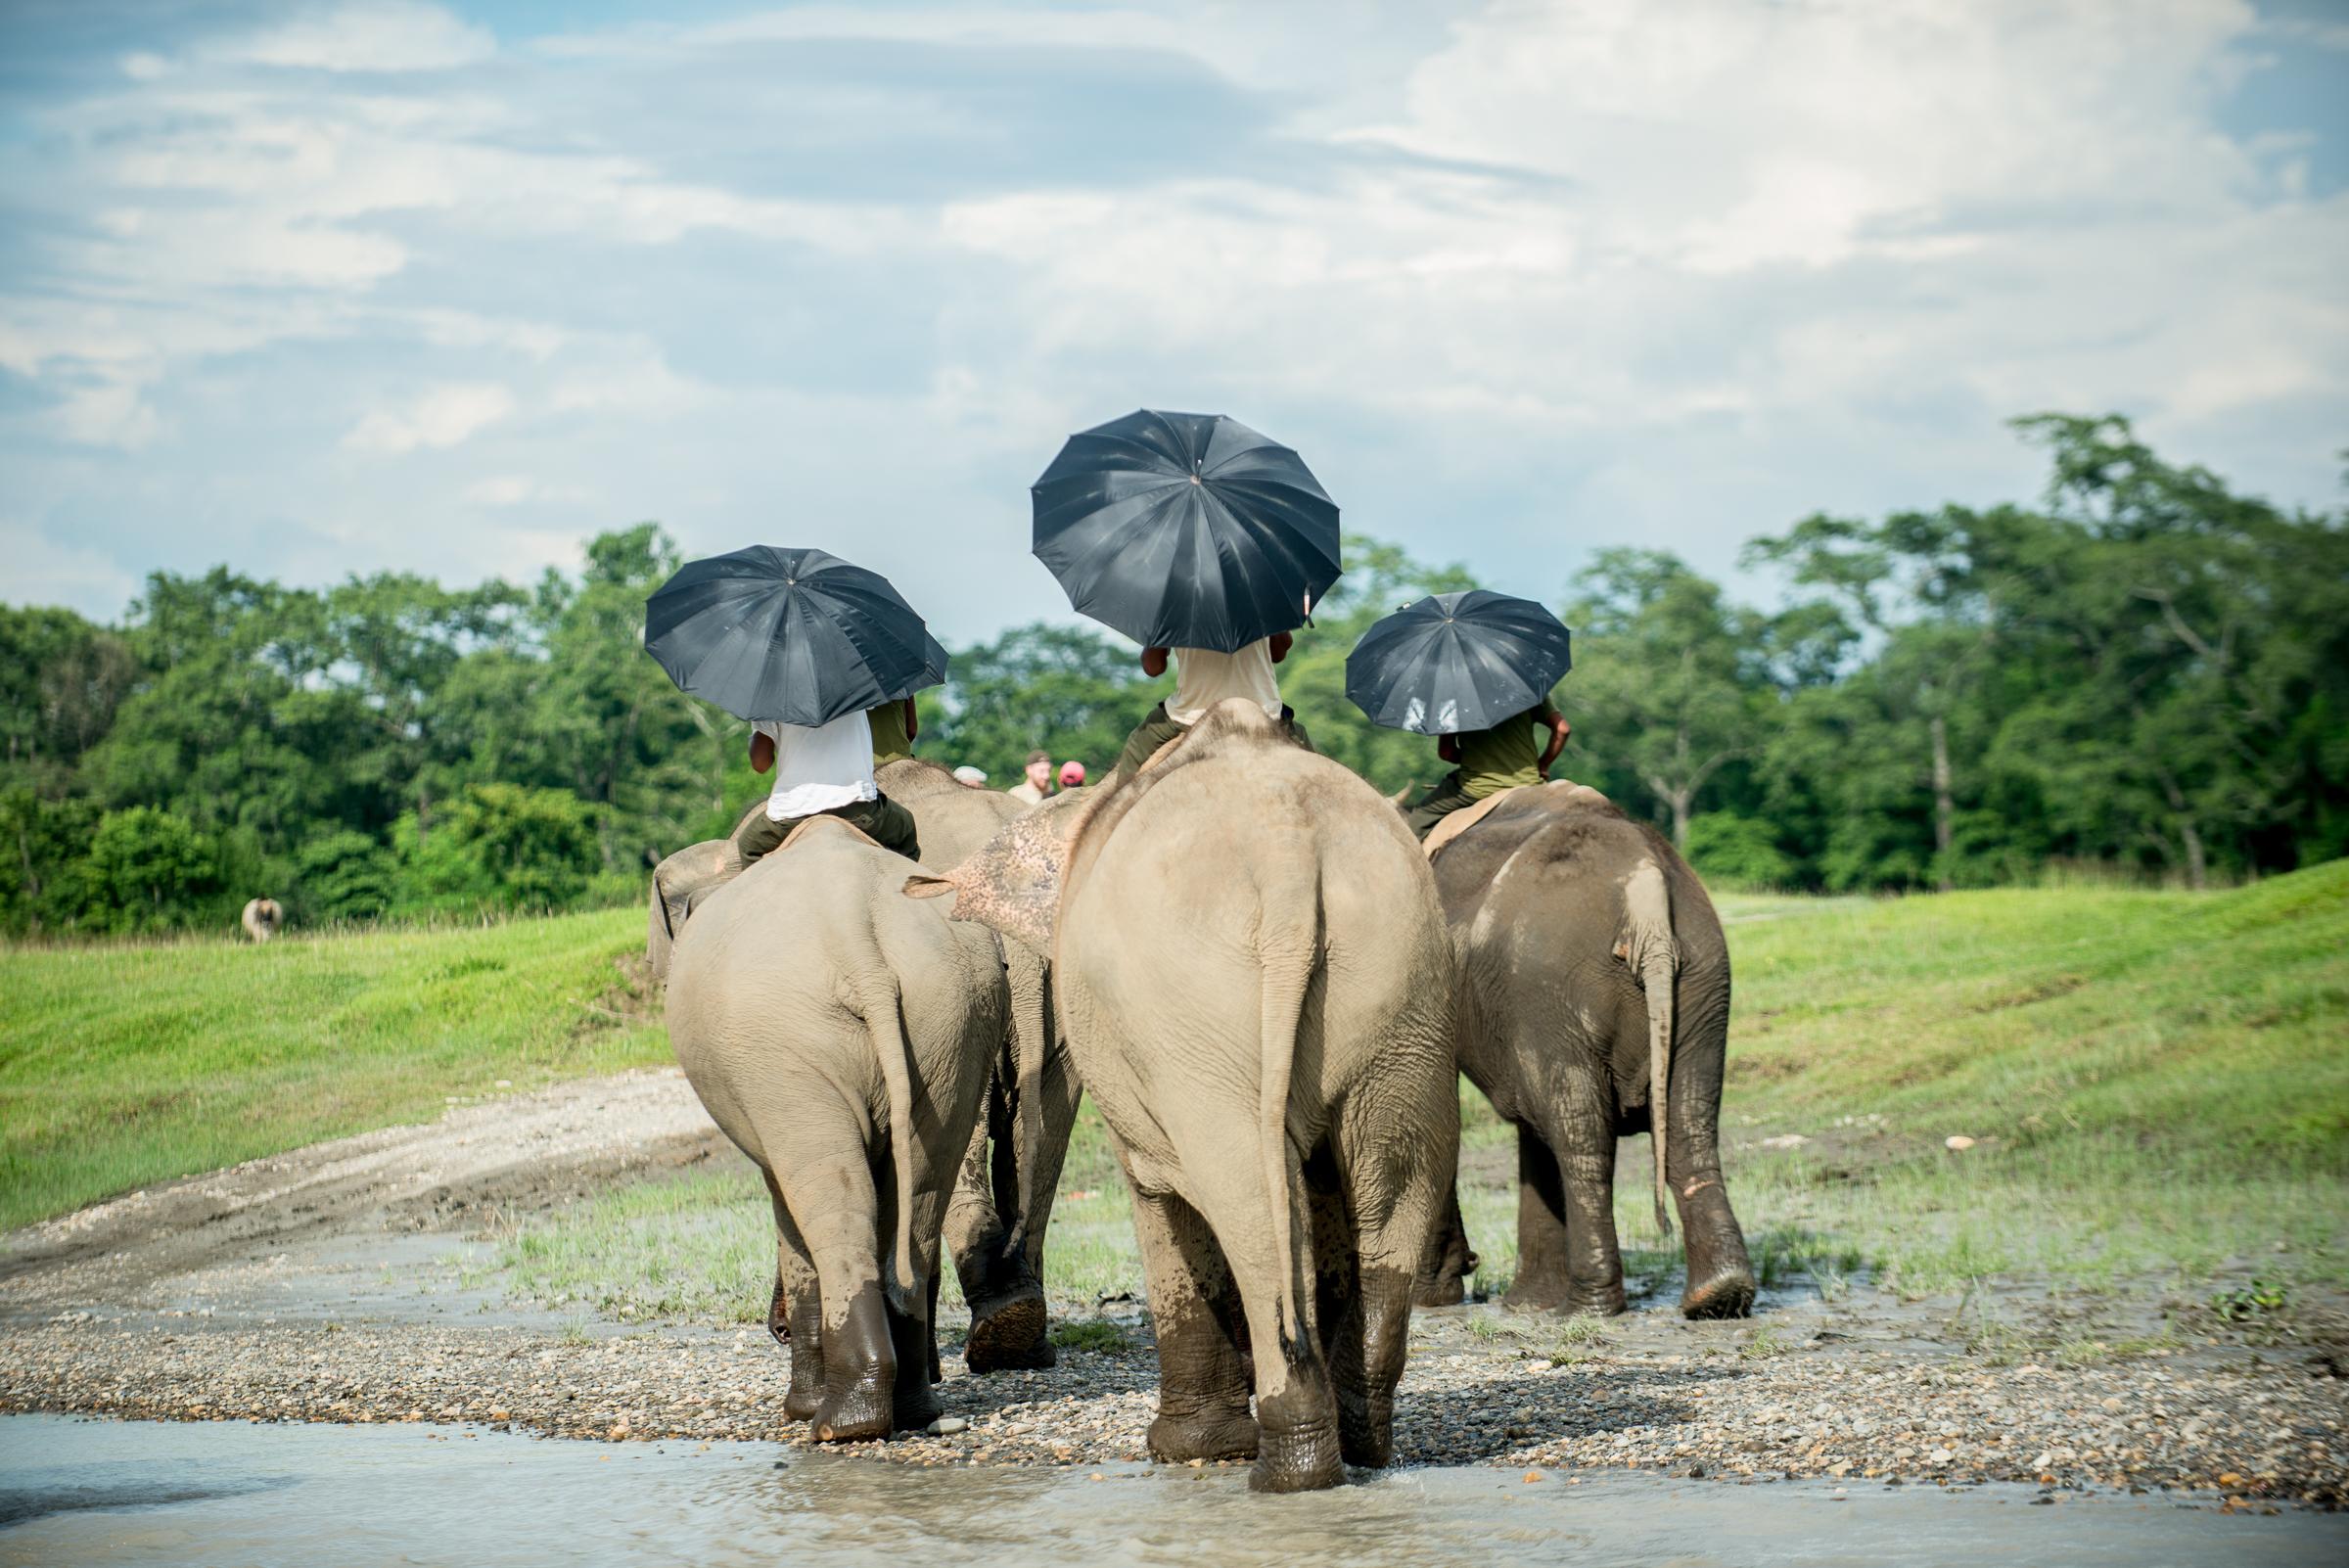 Chain Free Elephants in Nepal